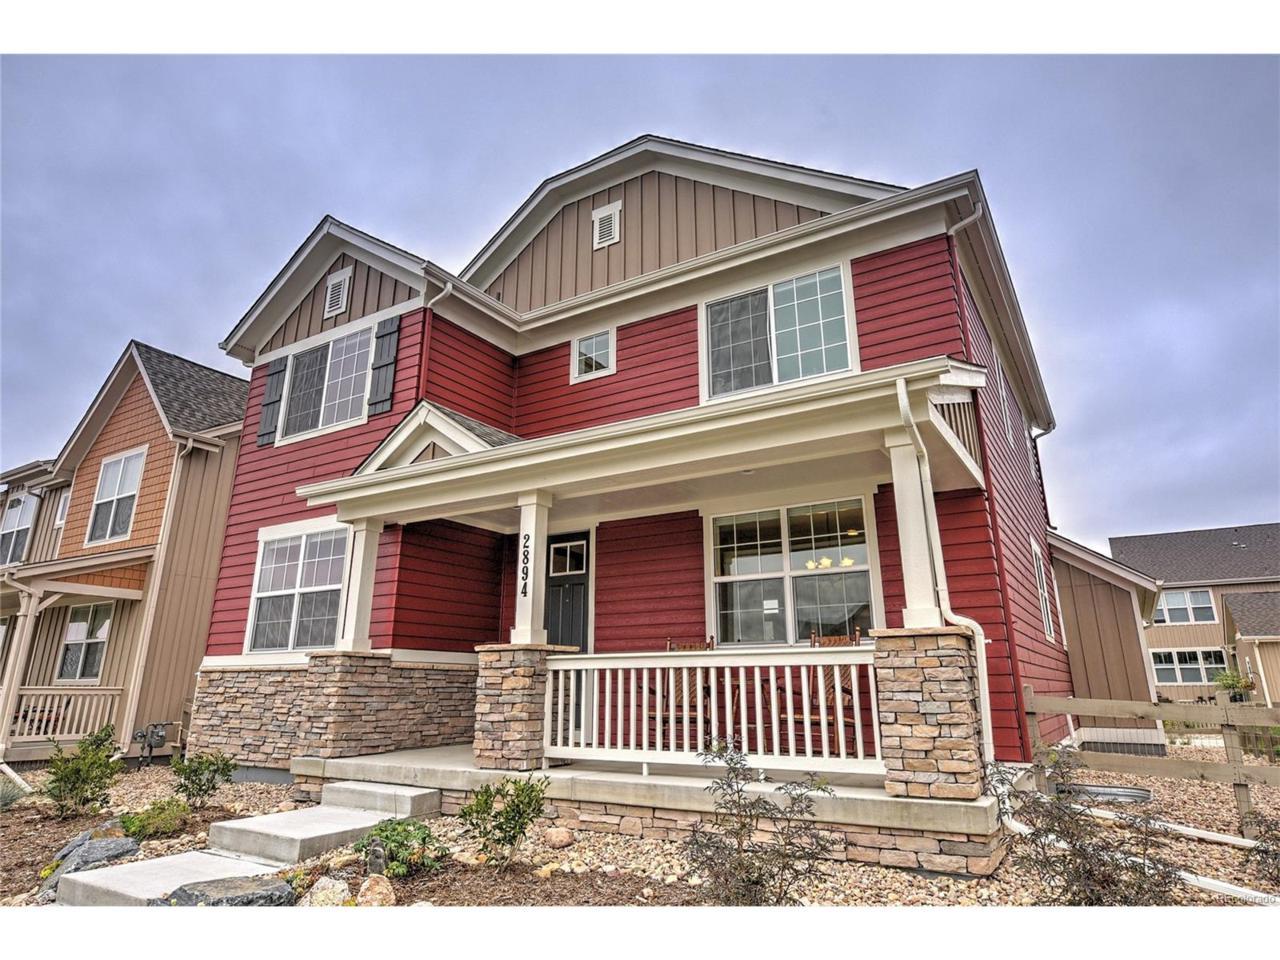 2894 Twin Lakes Circle, Lafayette, CO 80026 (MLS #8017302) :: 8z Real Estate